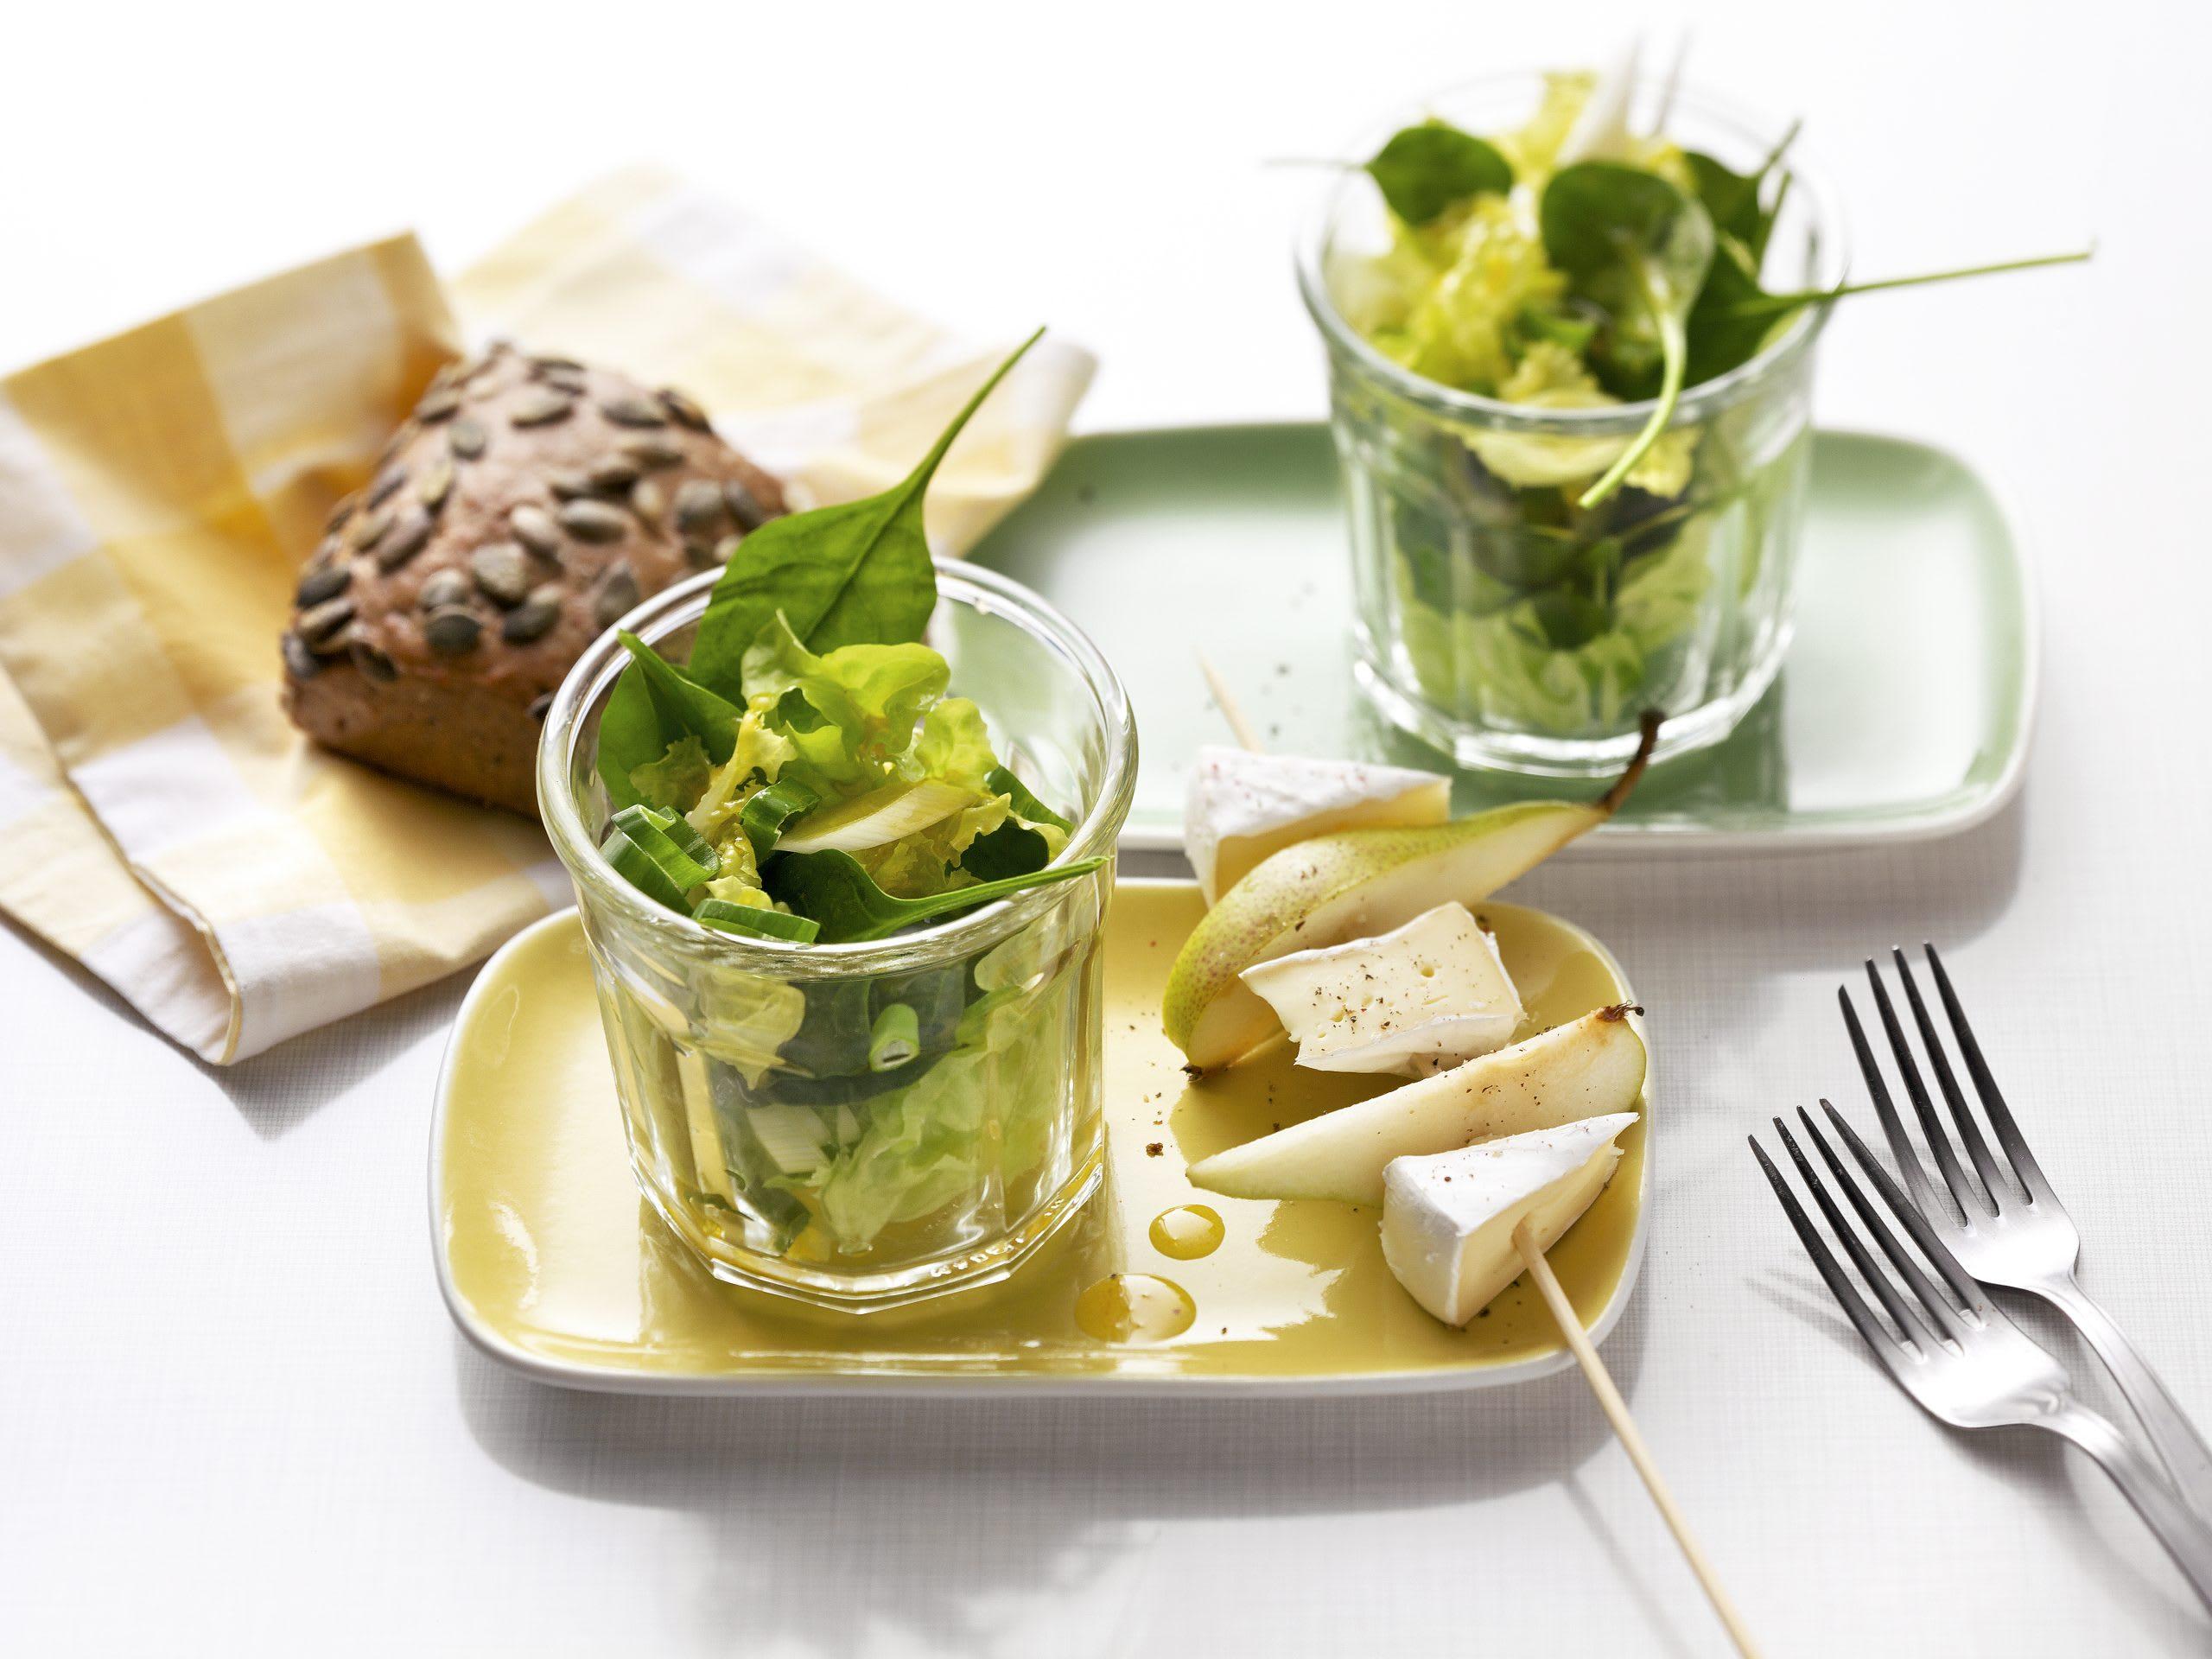 Salat im Glas mit Birne und Tomme